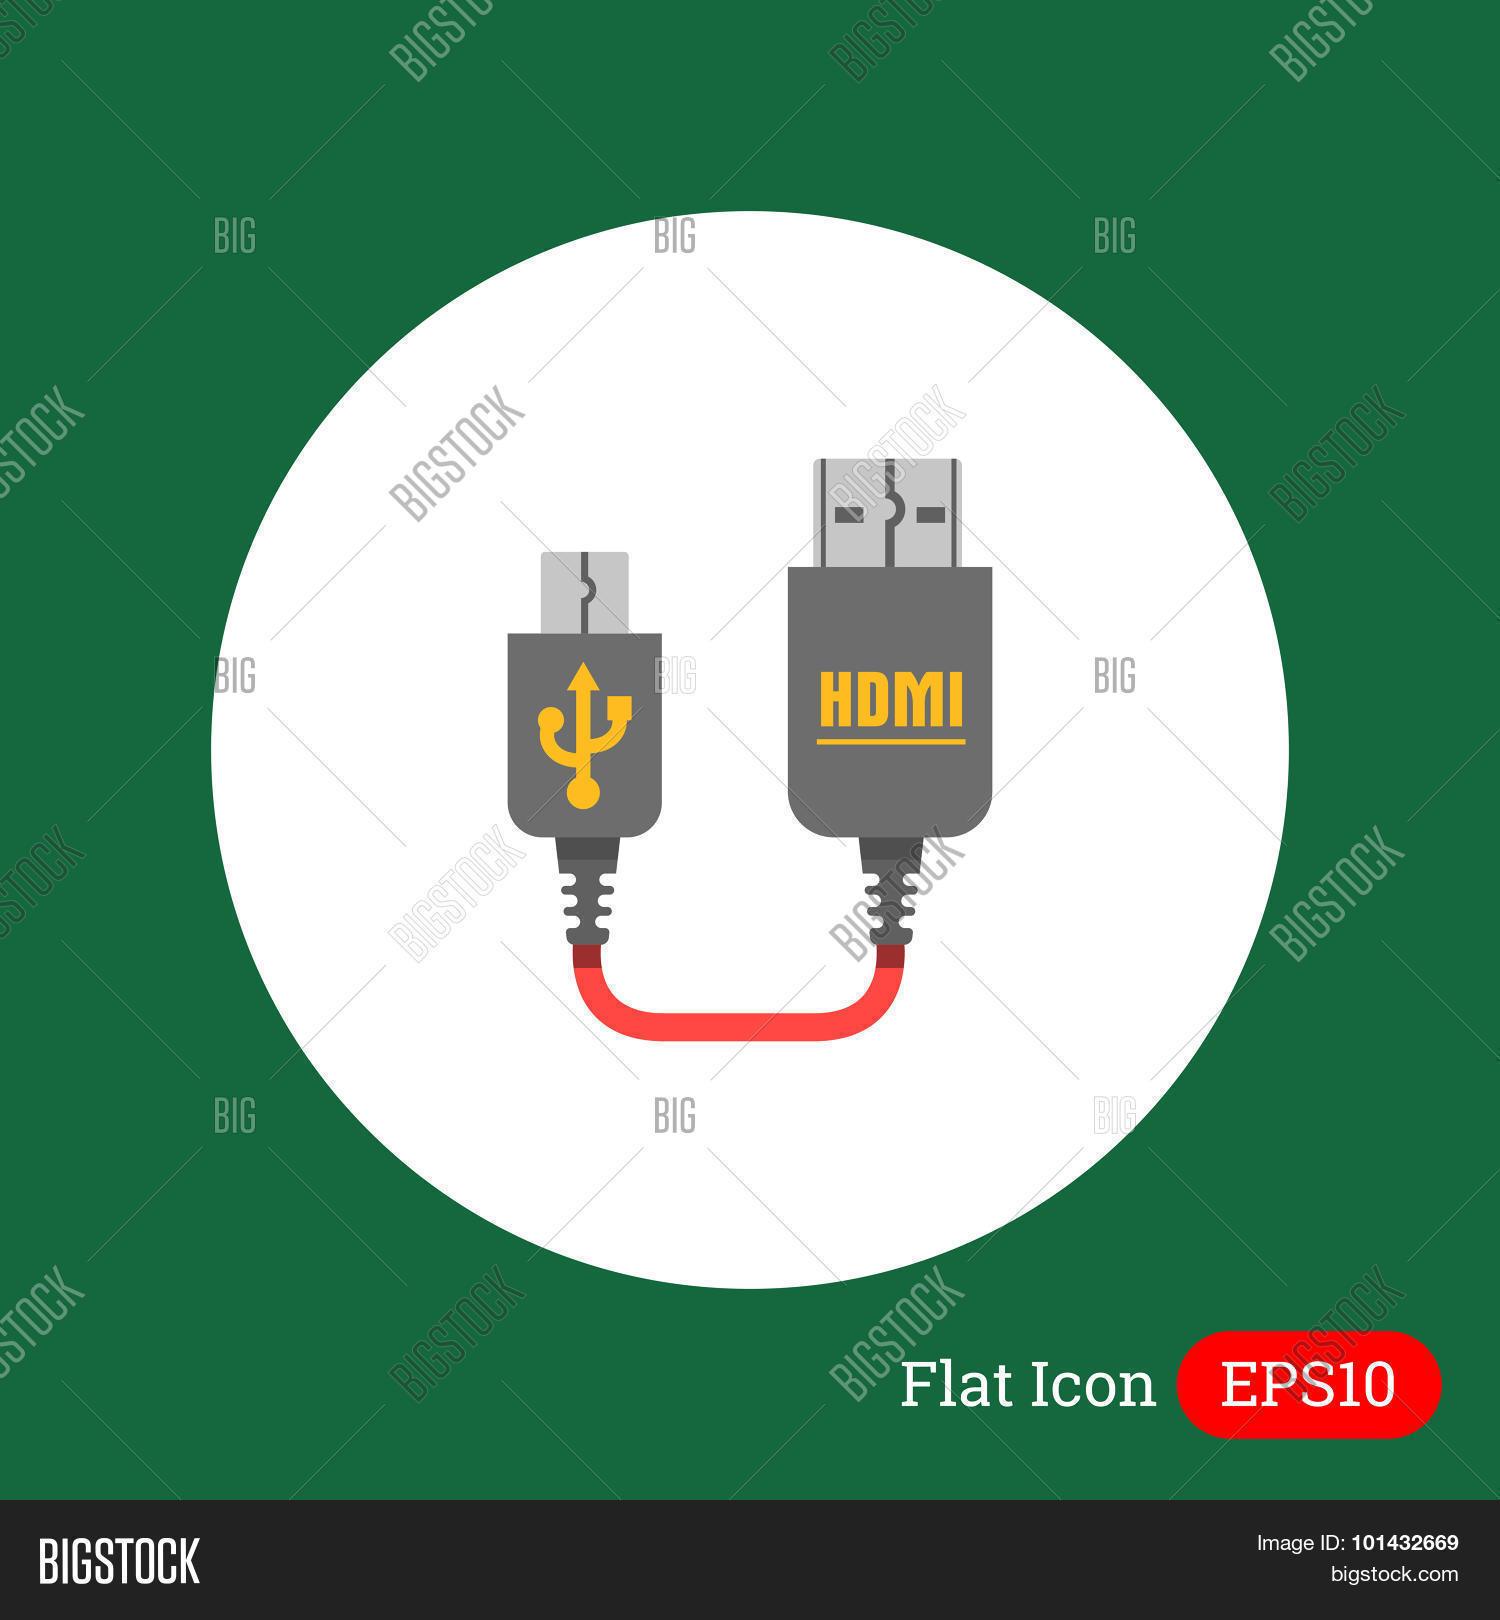 Mini Usb Hdmi Cable Vector Photo Free Trial Bigstock